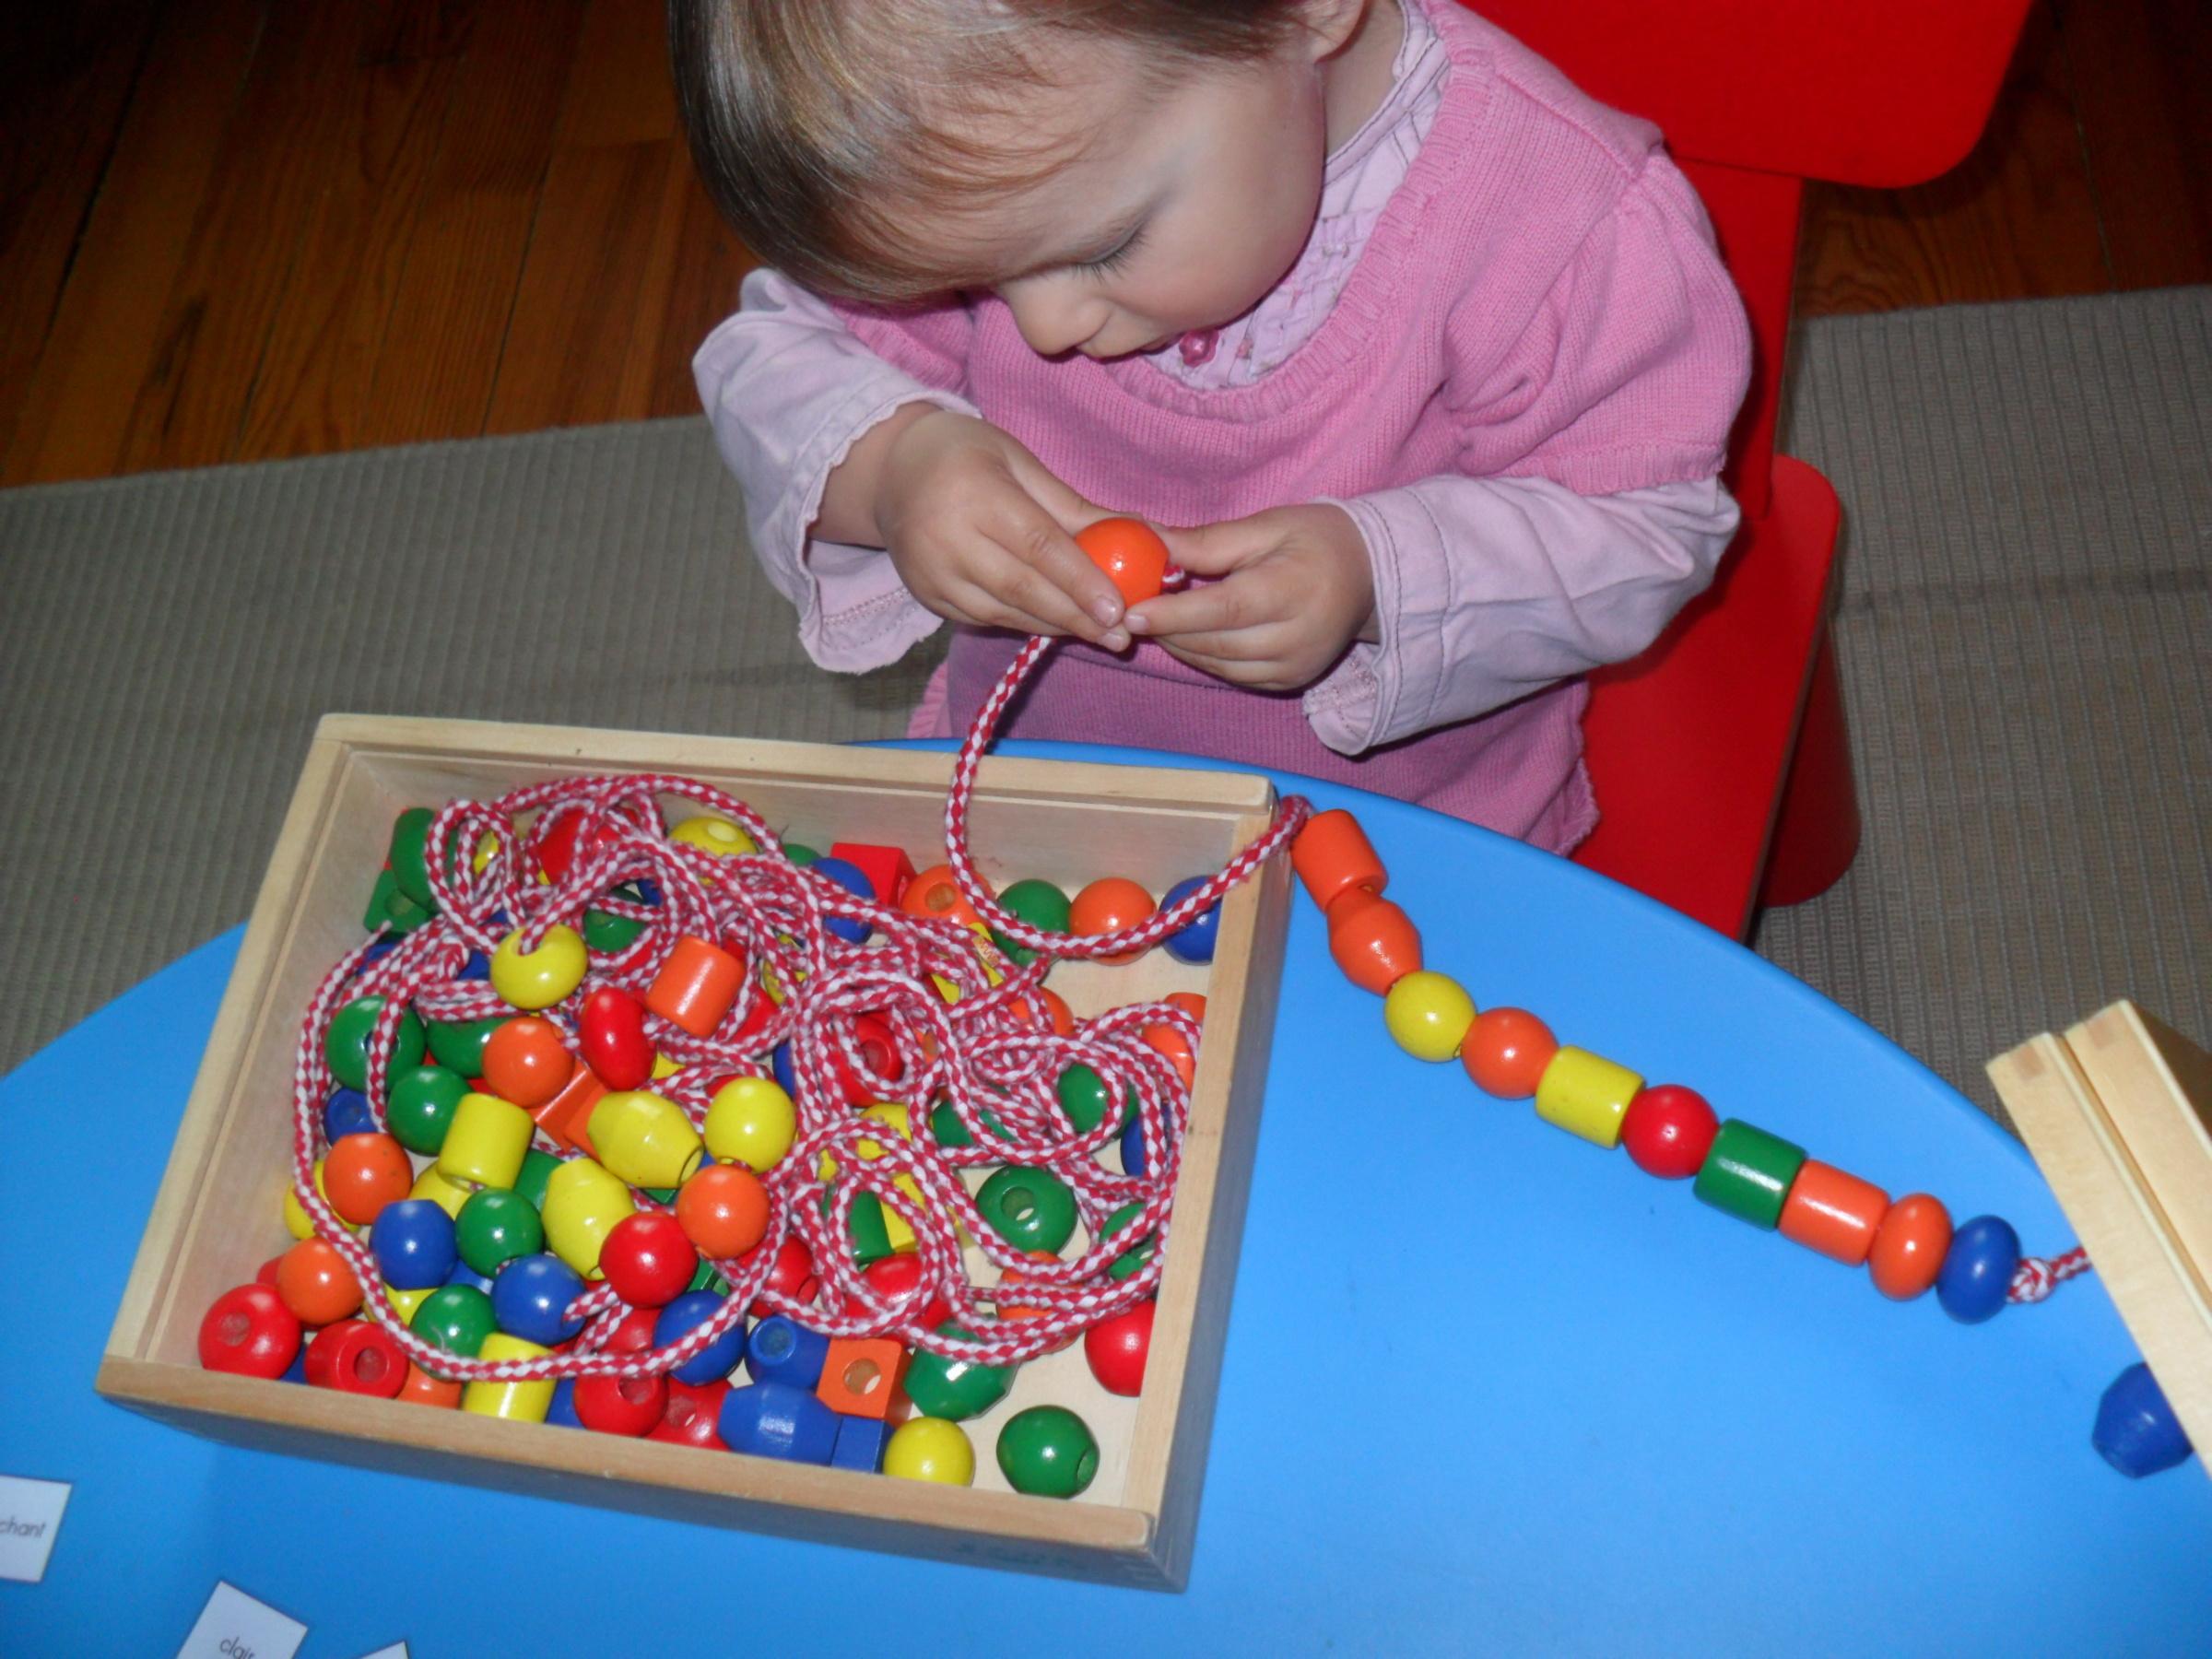 Activités 0-3 Ans - Les Ateliers De Cathy pour Activité Montessori 3 Ans